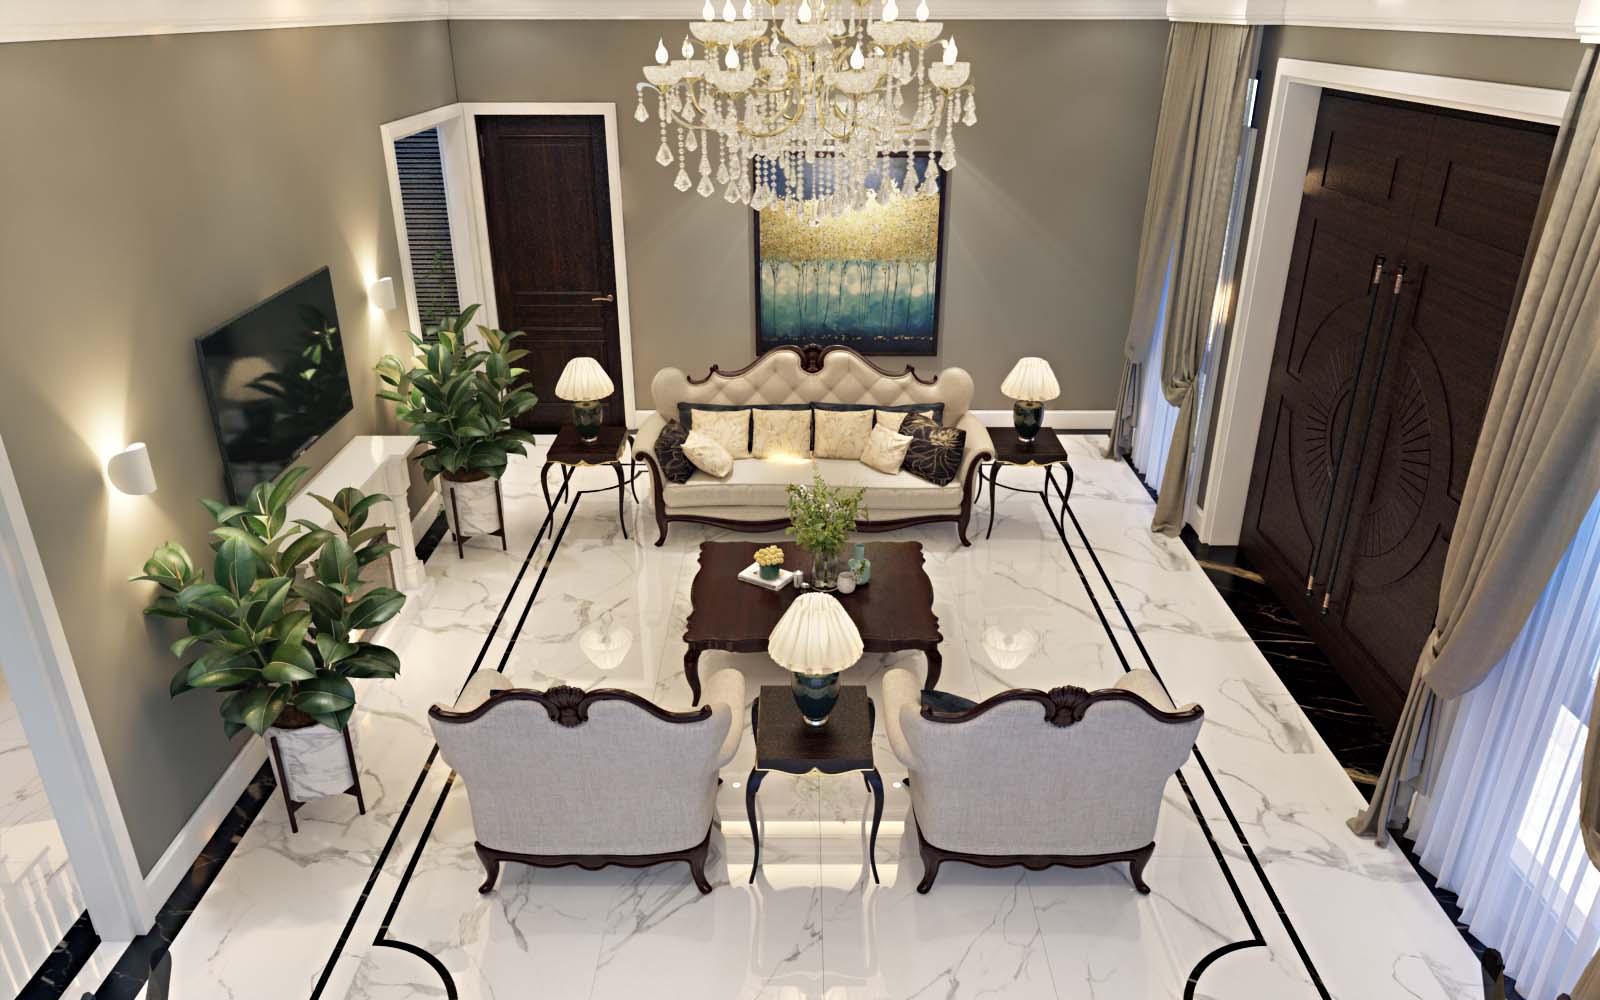 Tư vấn thiết kế nội thất khách bếp tân cổ điển cho biệt thự 3 tầng